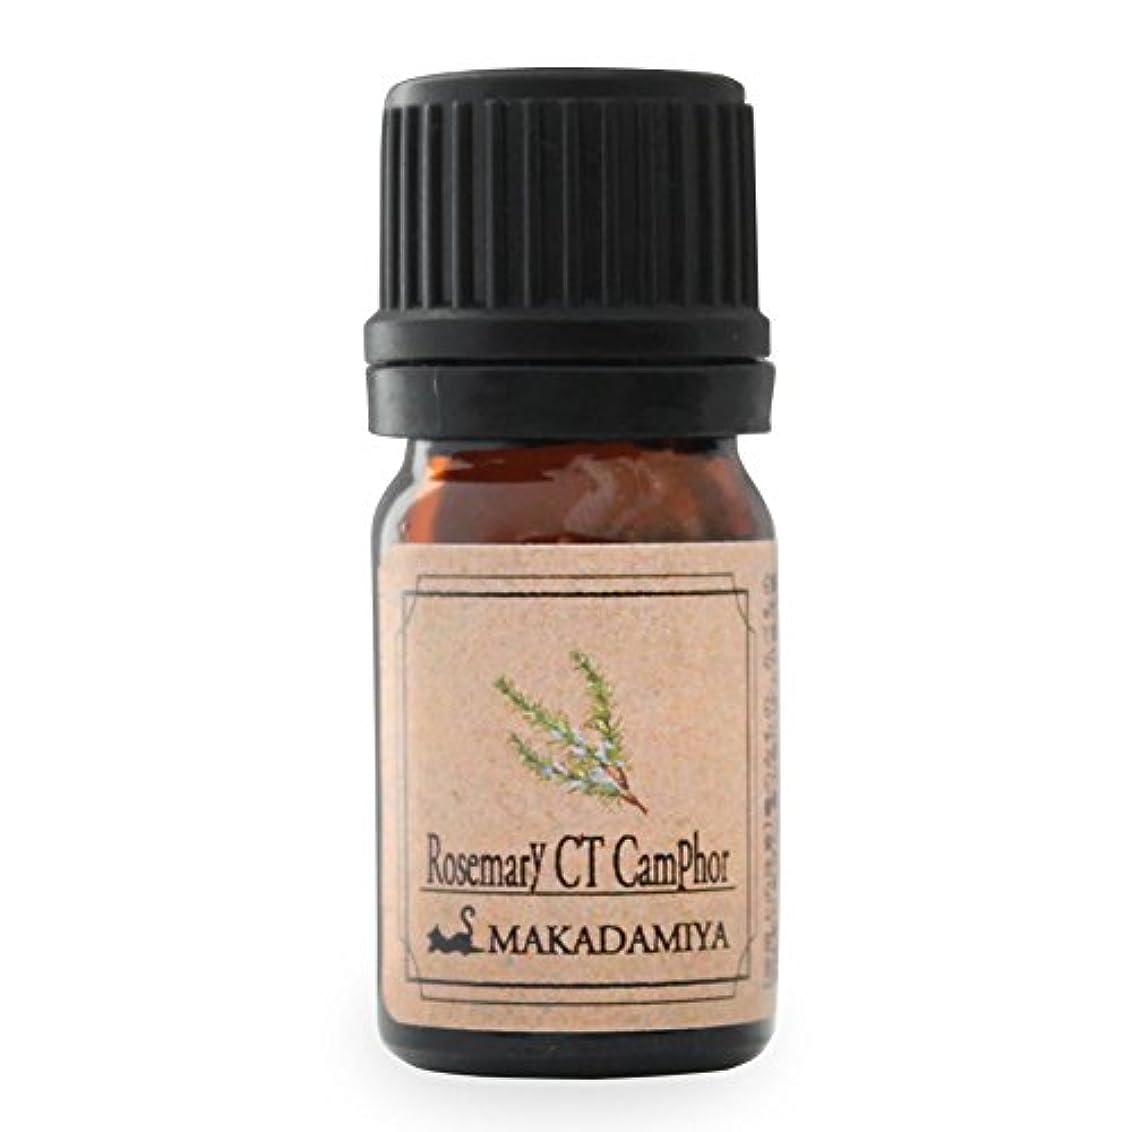 スタジアム懲らしめ風が強いローズマリーCTカンファー5ml 天然100%植物性 エッセンシャルオイル(精油) アロマオイル アロママッサージ aroma Rosemary